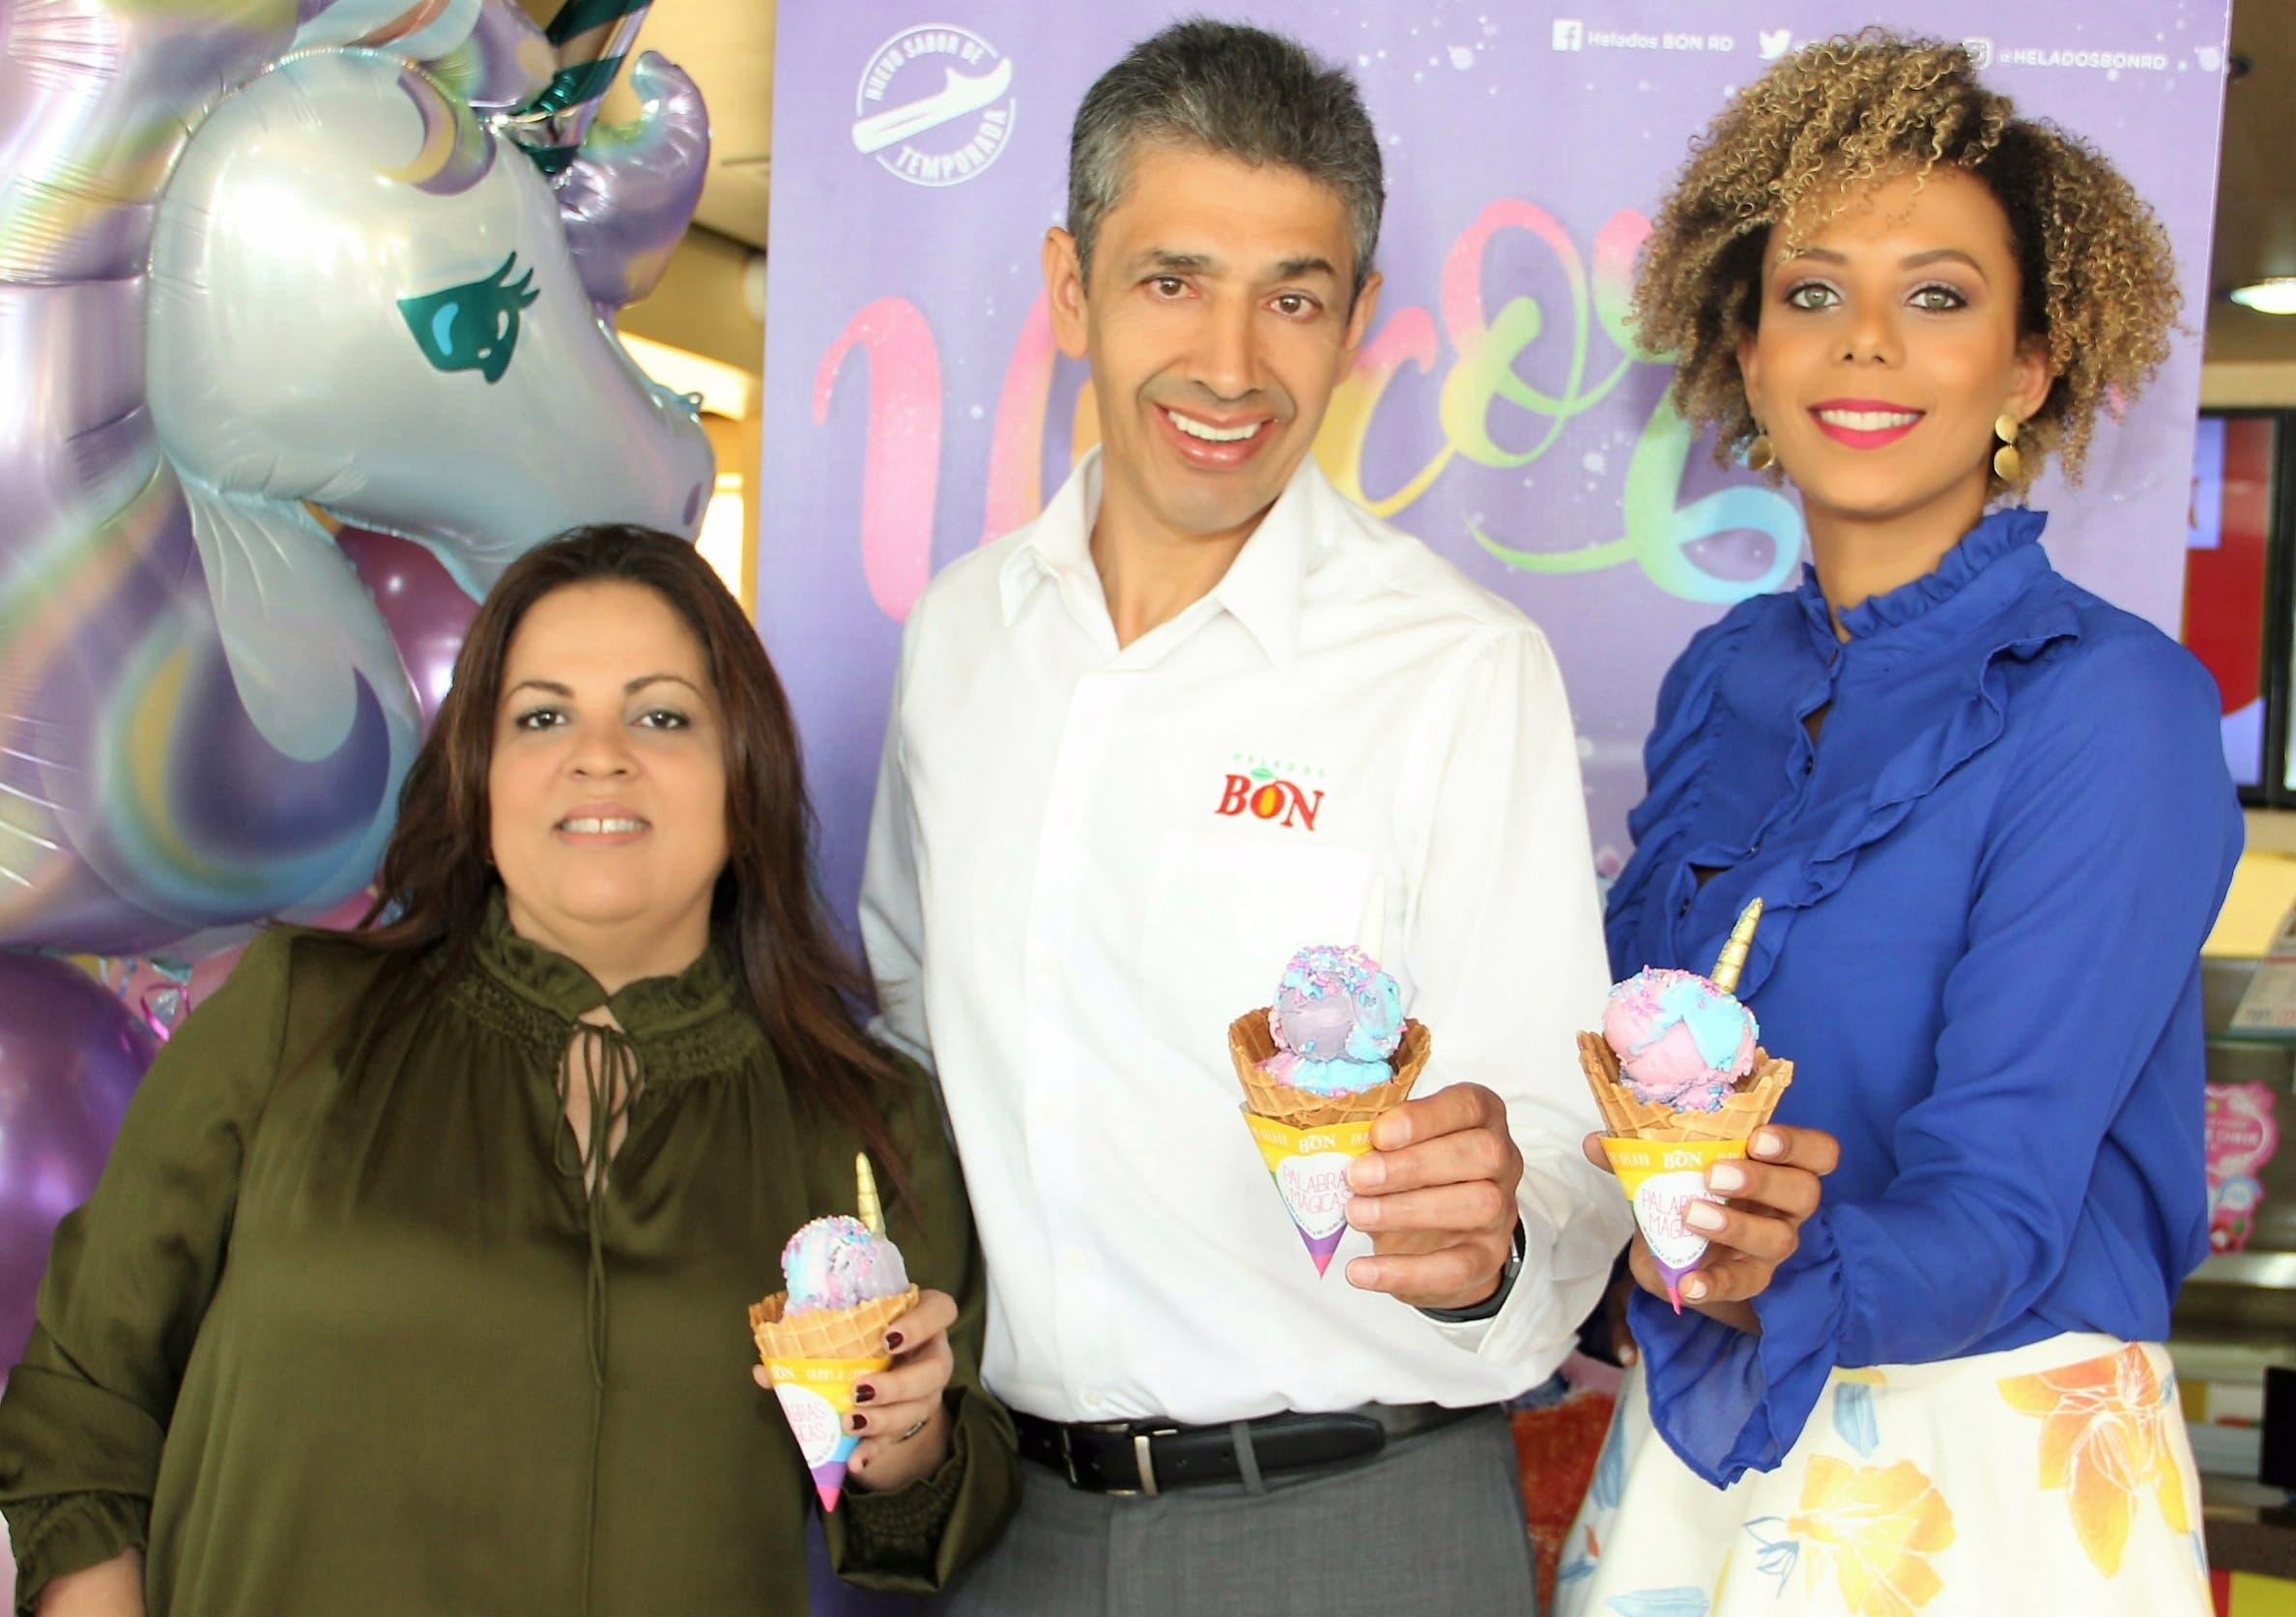 Carolina Pantaleón, Luis Fernando Enciso e Icemil Guerrero